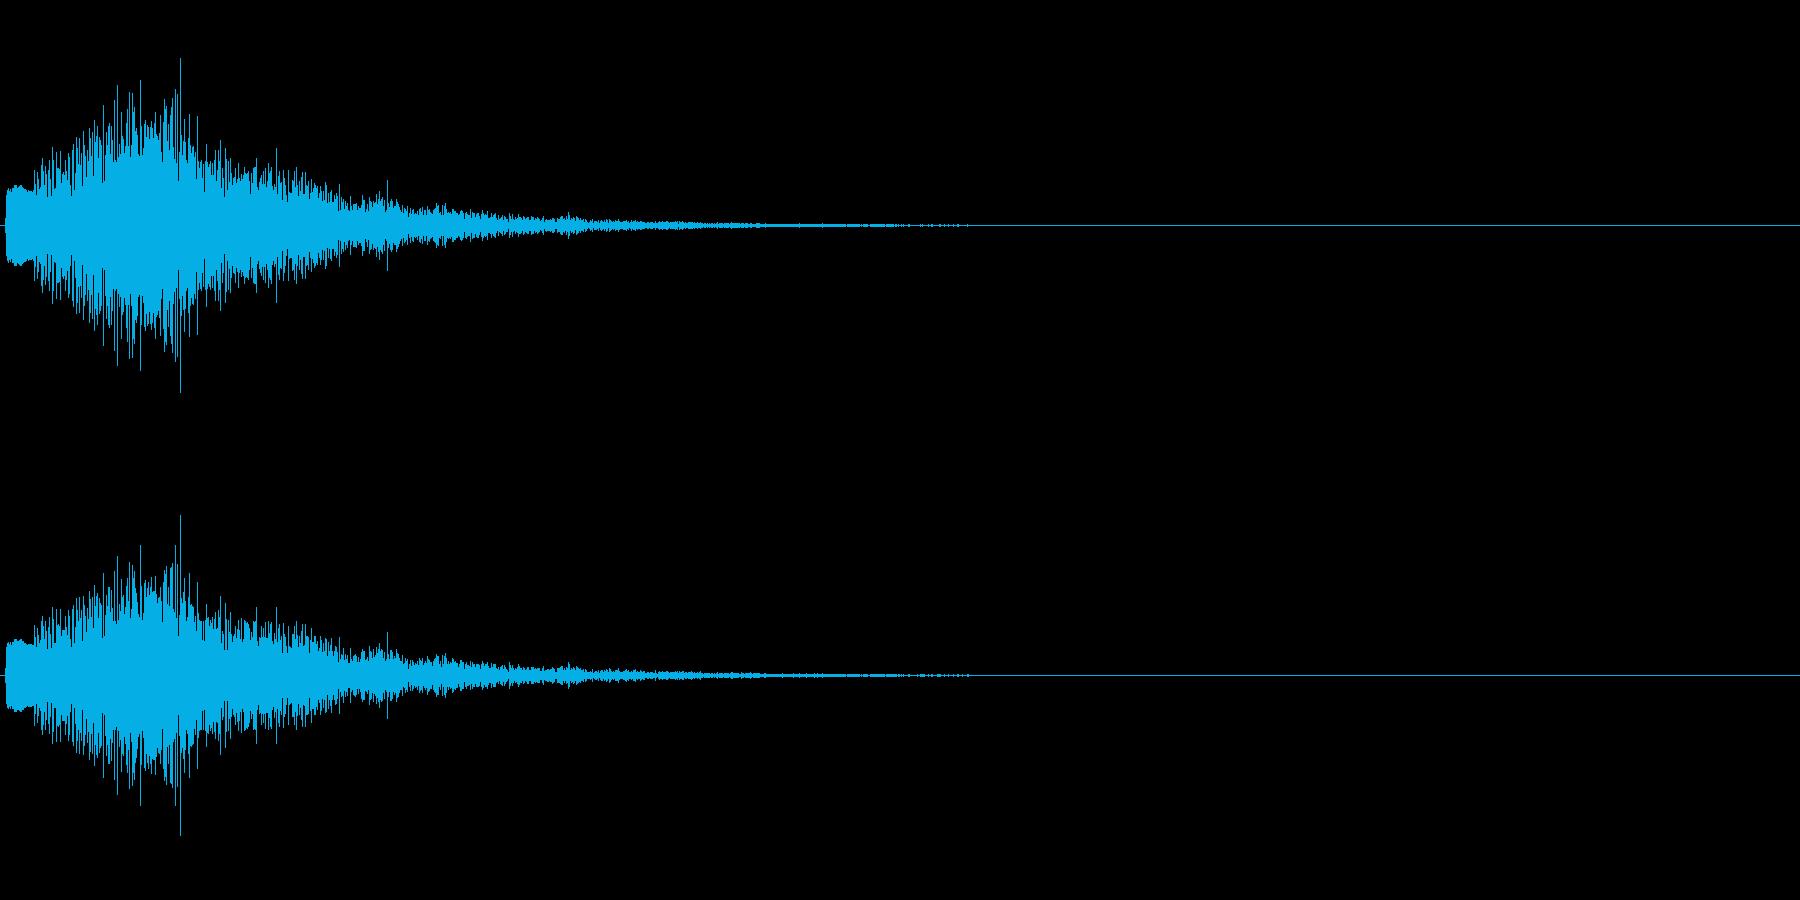 キラリラン(ベルのグリッサンド)の再生済みの波形